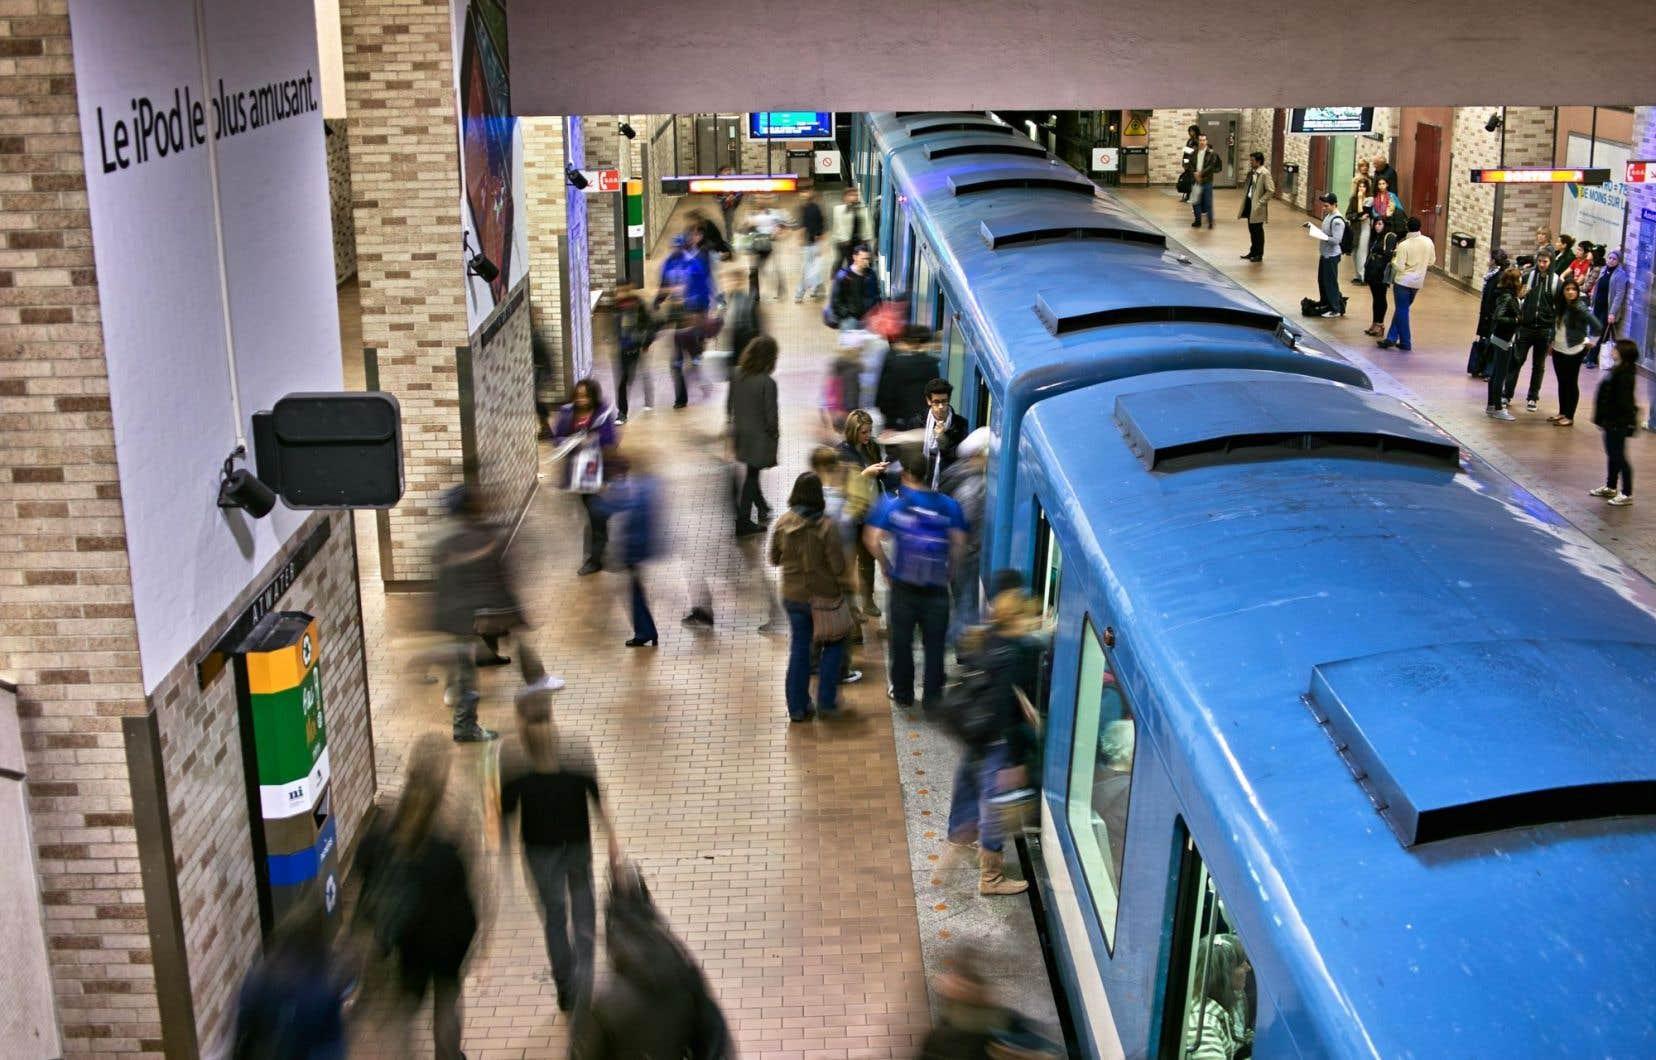 Le temps de parcours Anjou–Saint-Michel s'élèverait en outre à 8 minutes dans le cas du métro, mais à 23 minutes pour toutes les autres options, alors qu'il en faut actuellement 31 pour se rendre d'un bout à l'autre du trajet.